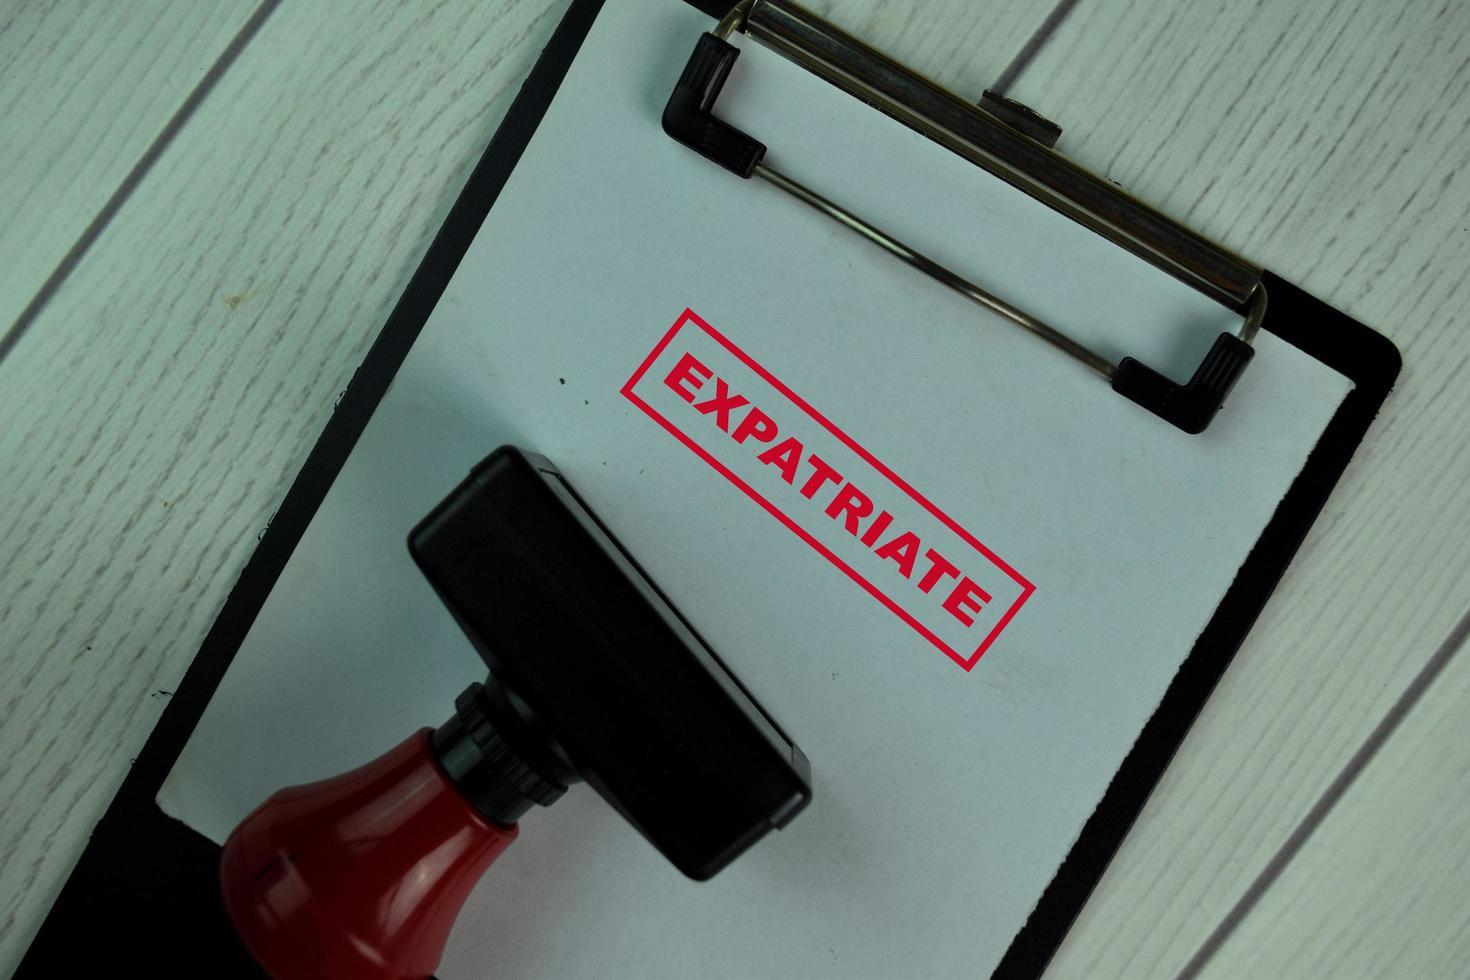 rode handvat rubberen stamper en expat tekst geïsoleerd op tafel foto